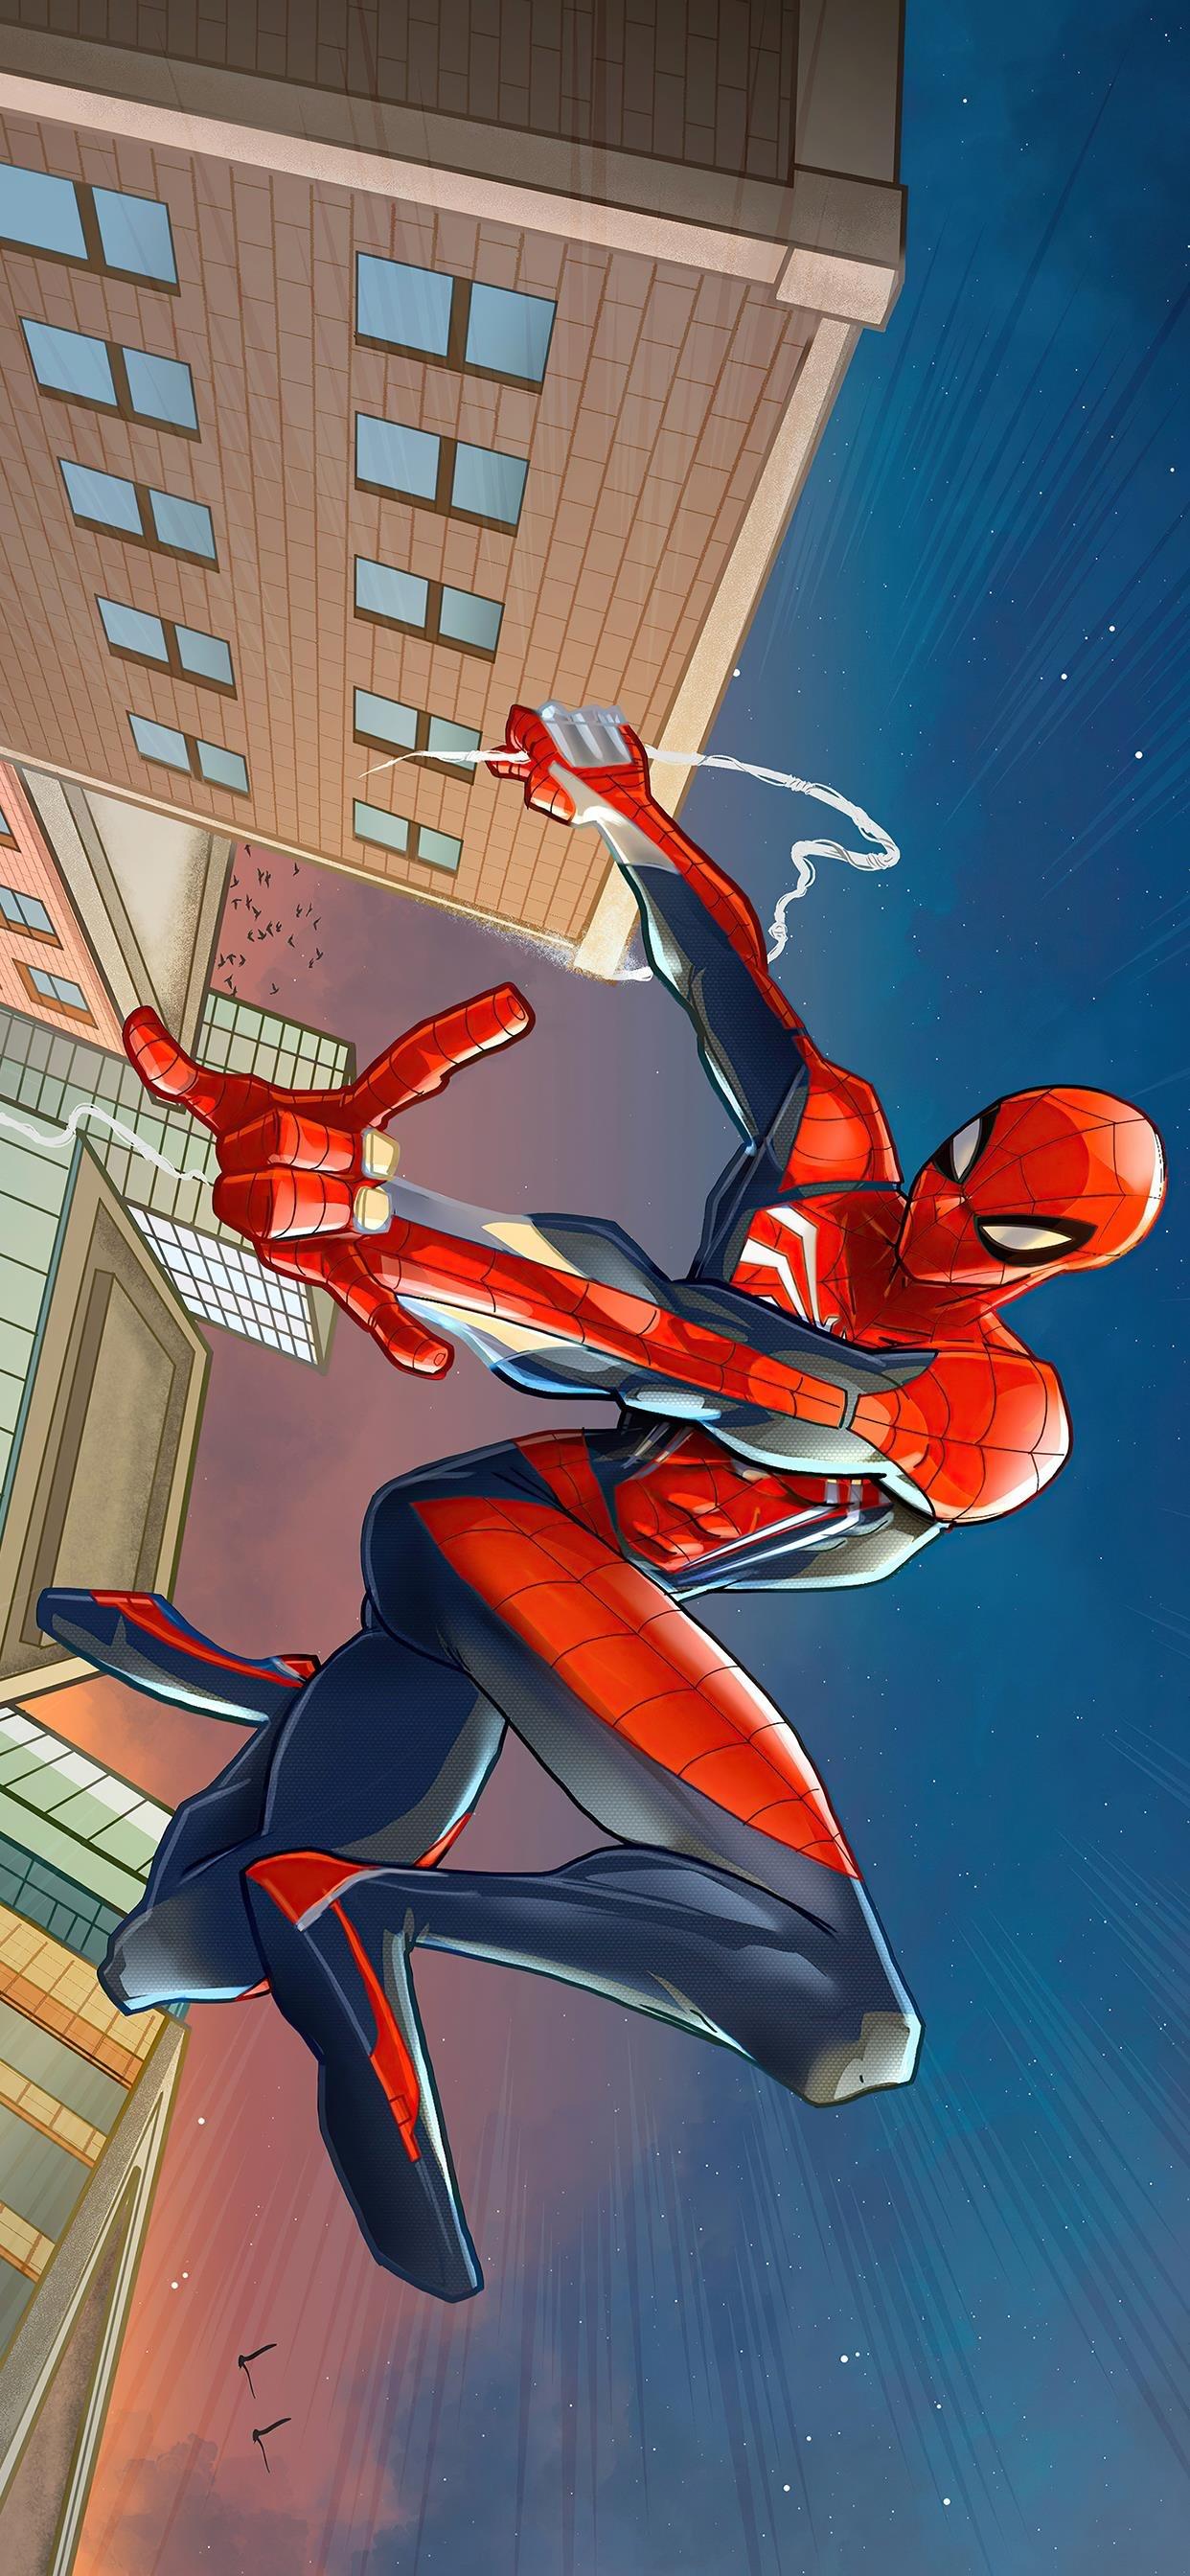 超级英雄蜘蛛侠卡通手机壁纸 太酷了吧!